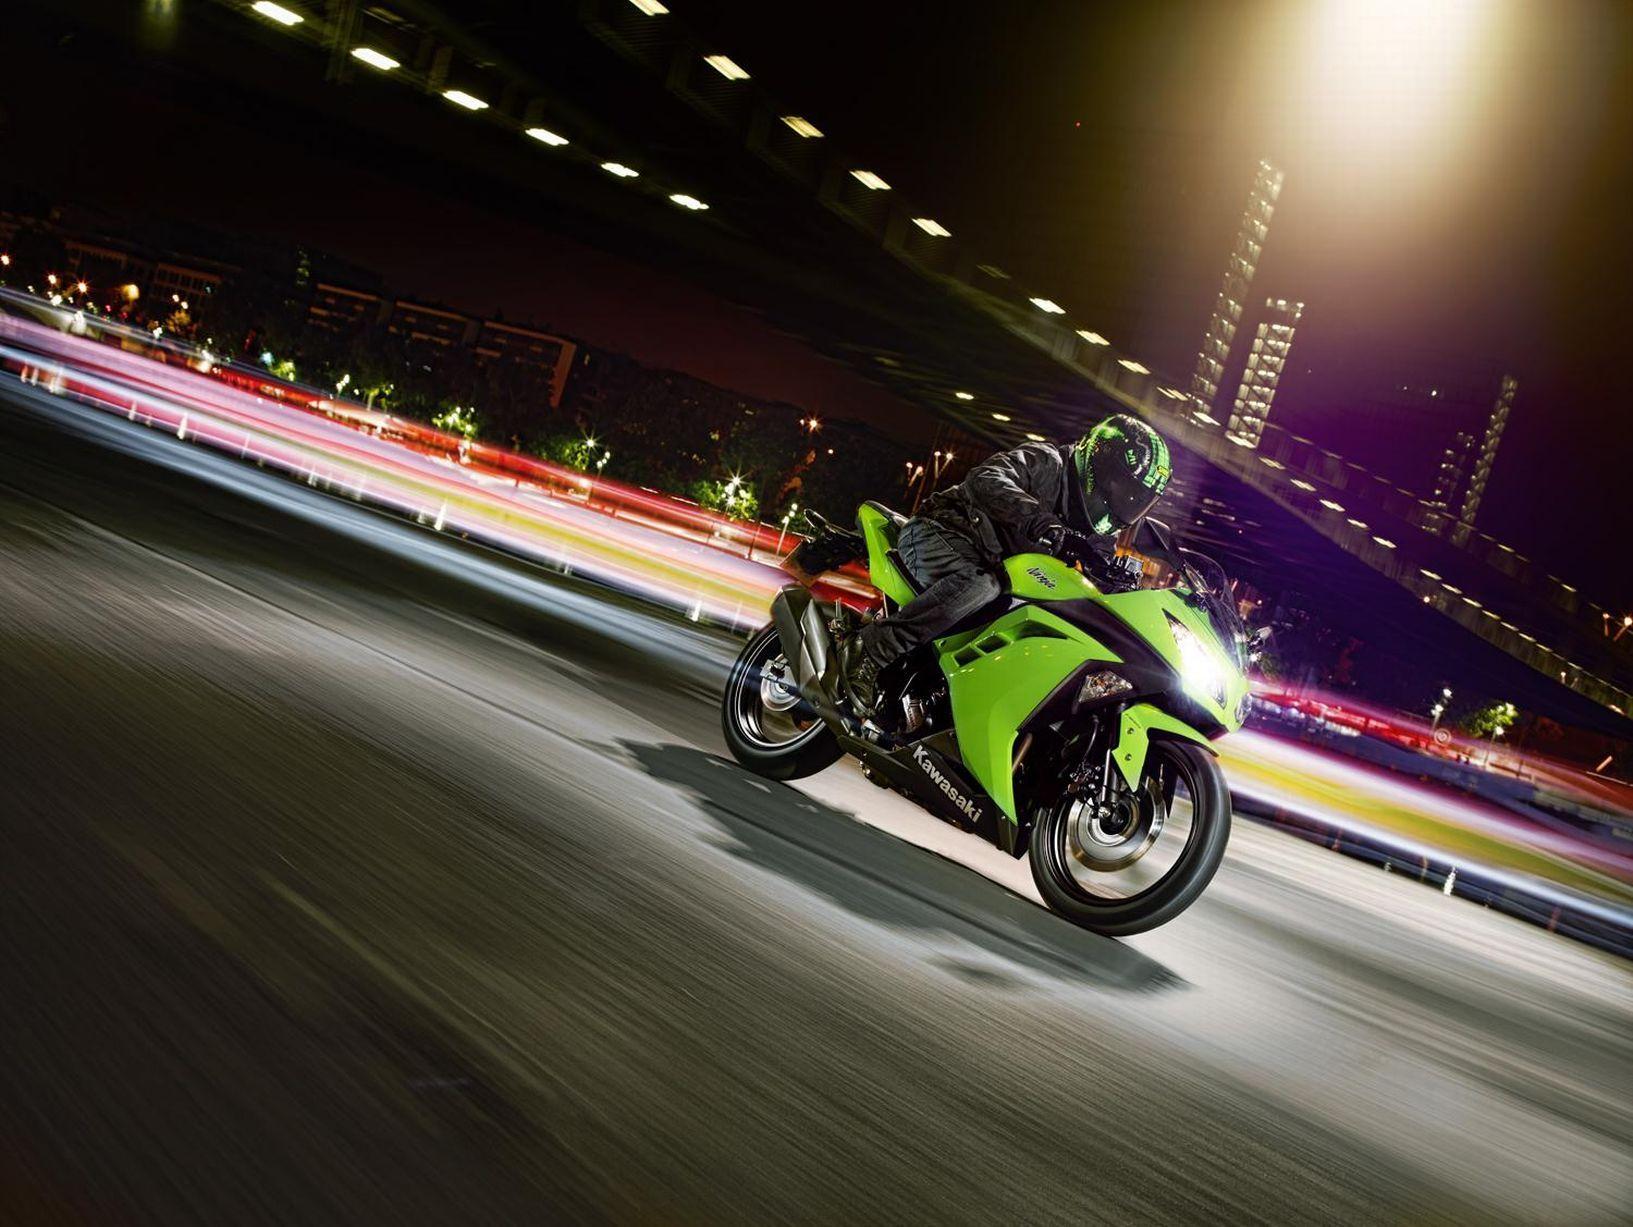 Pin Oleh Vj Alvin Di Bikers Yamaha Kawasaki Honda Kawasaki Ninja 300 Kawasaki Ninja Kawasaki Ninja 250r